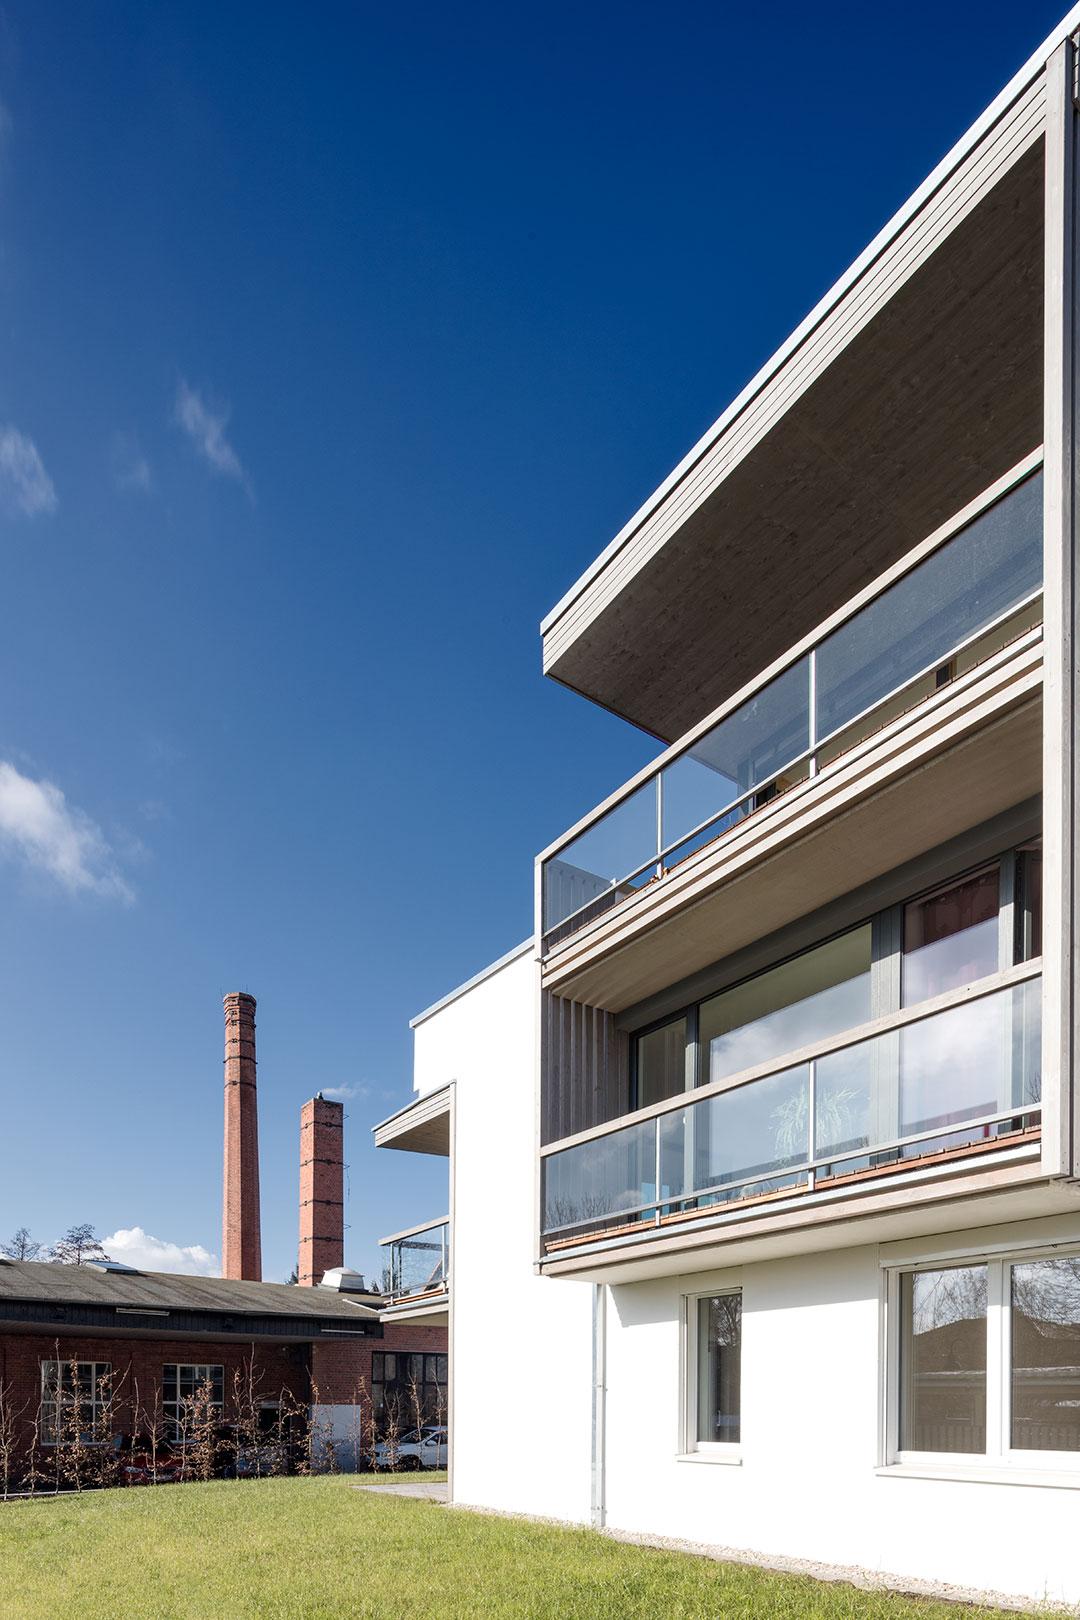 Architekturfotografie: Neubau vor historischer Kulisse | Foto: Dieter Eikenberg, imprints